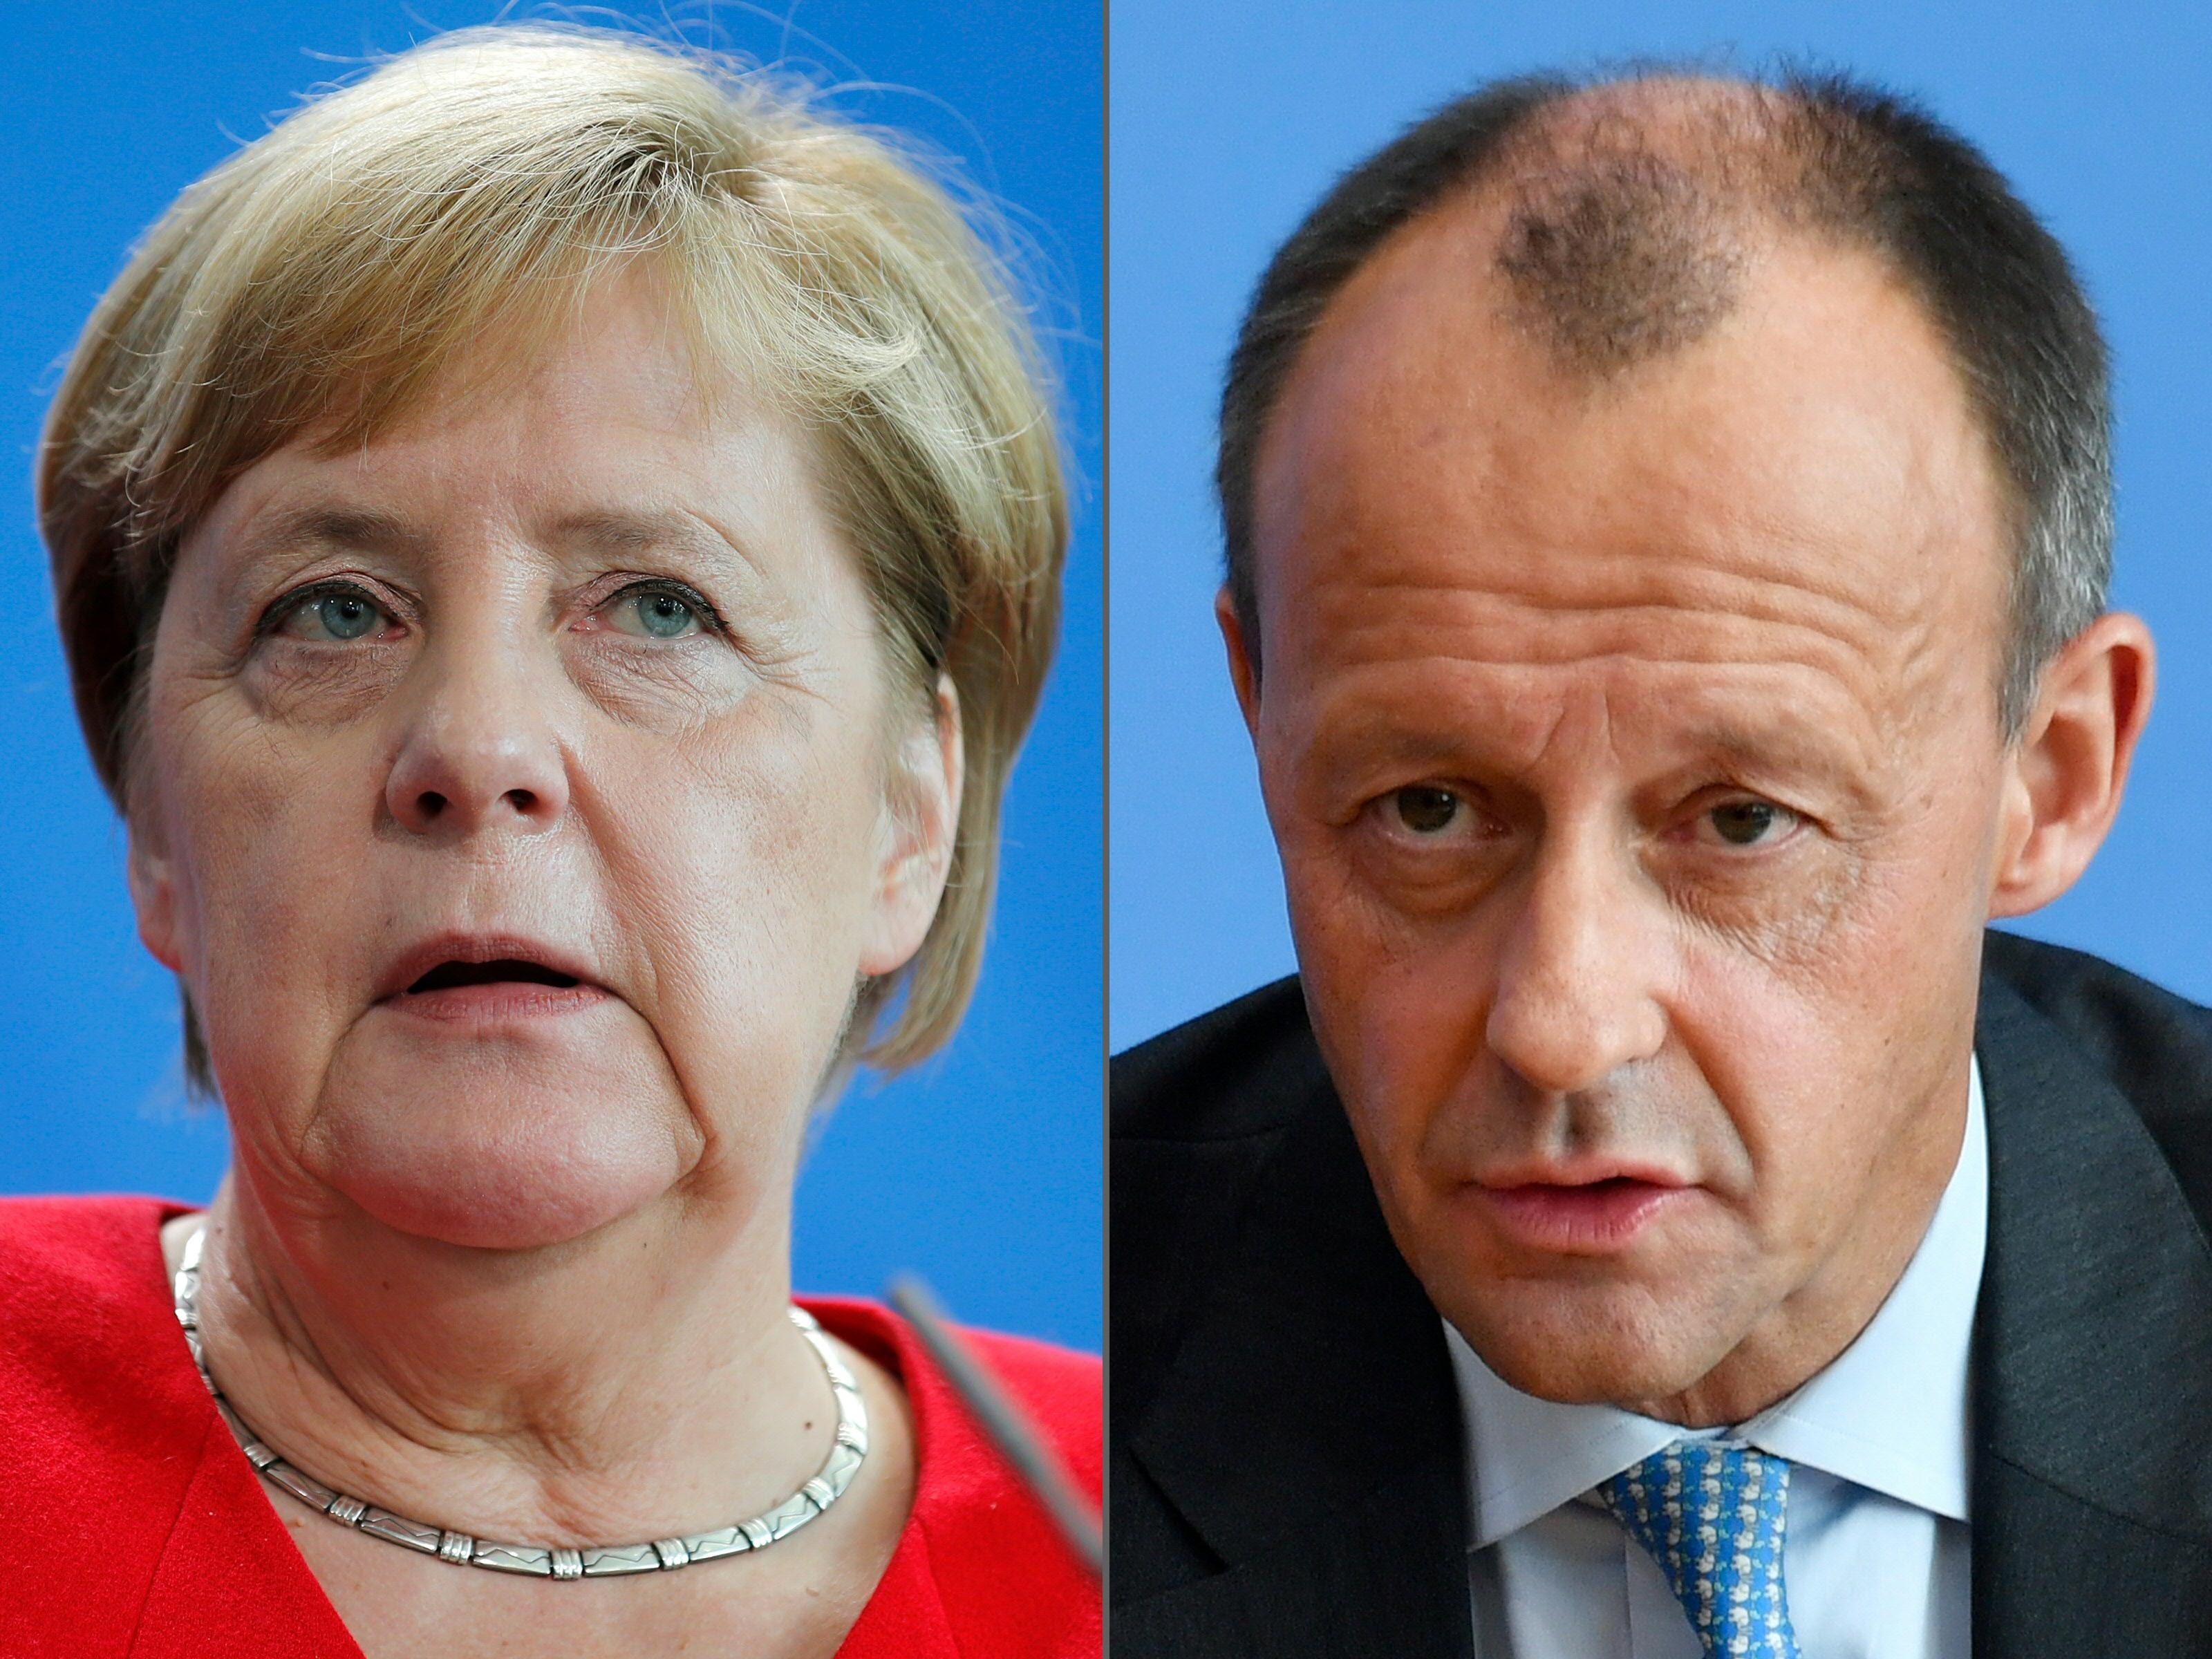 Friedrich Merz Is Ready to Bury Angela Merkel